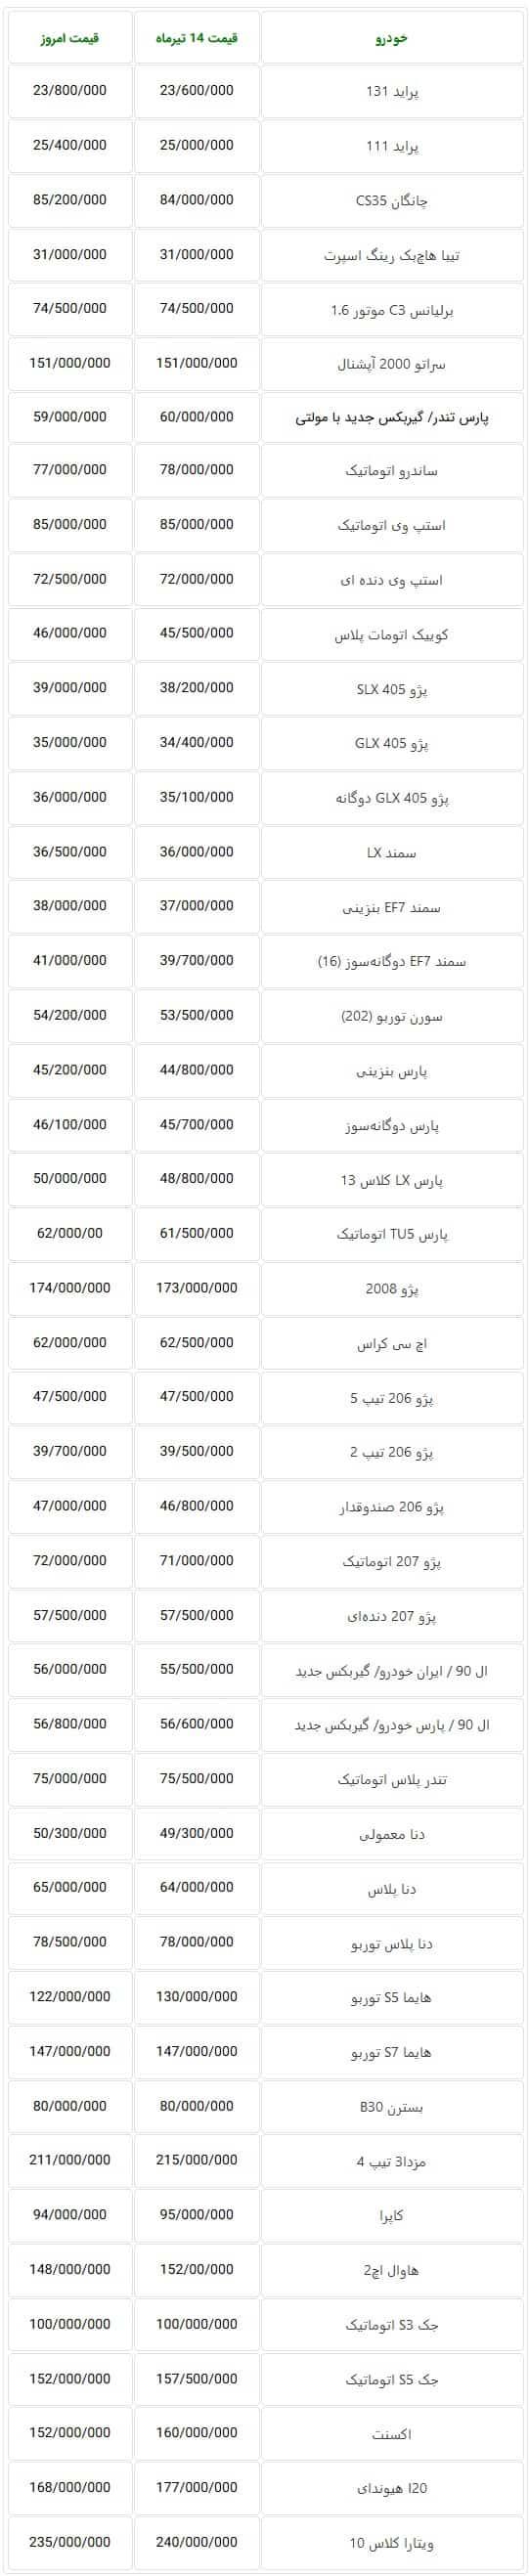 قیمت خودرو های داخلی